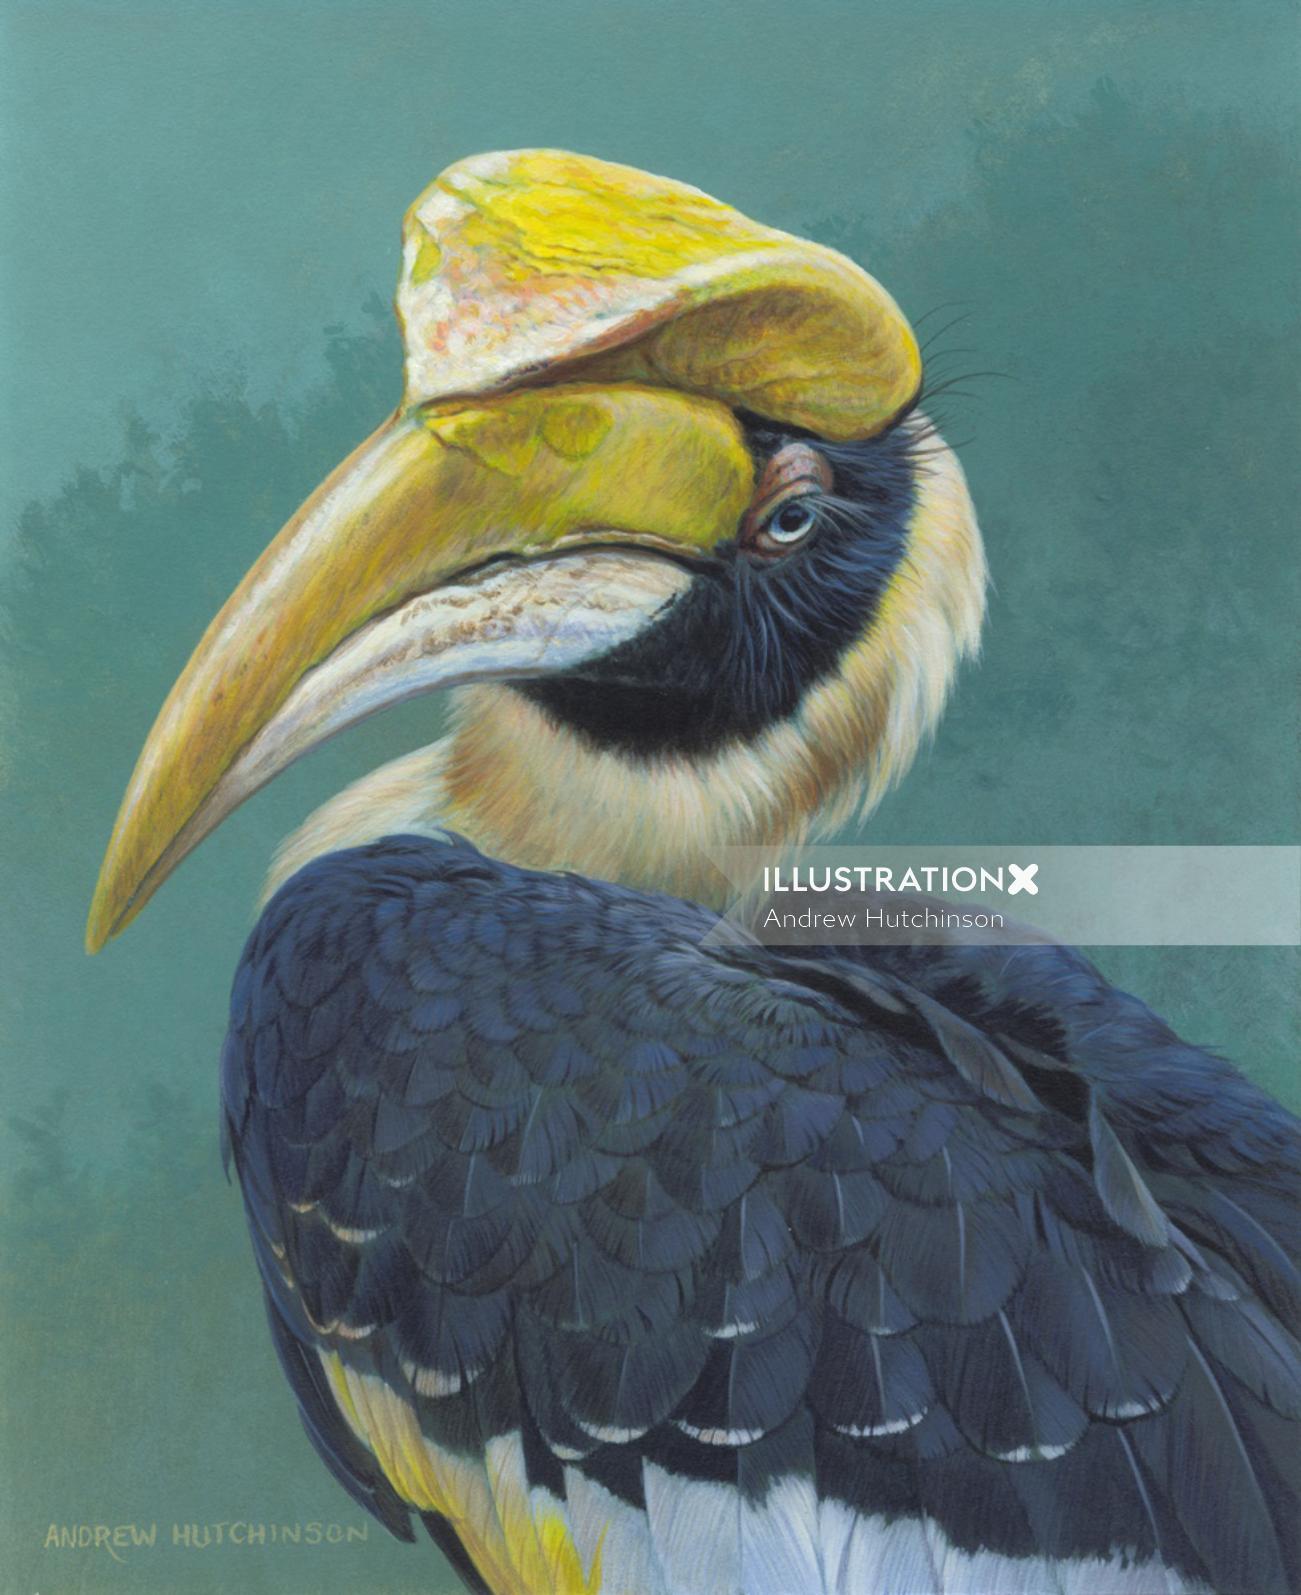 Hornbill illustration by Andrew Hutchinson